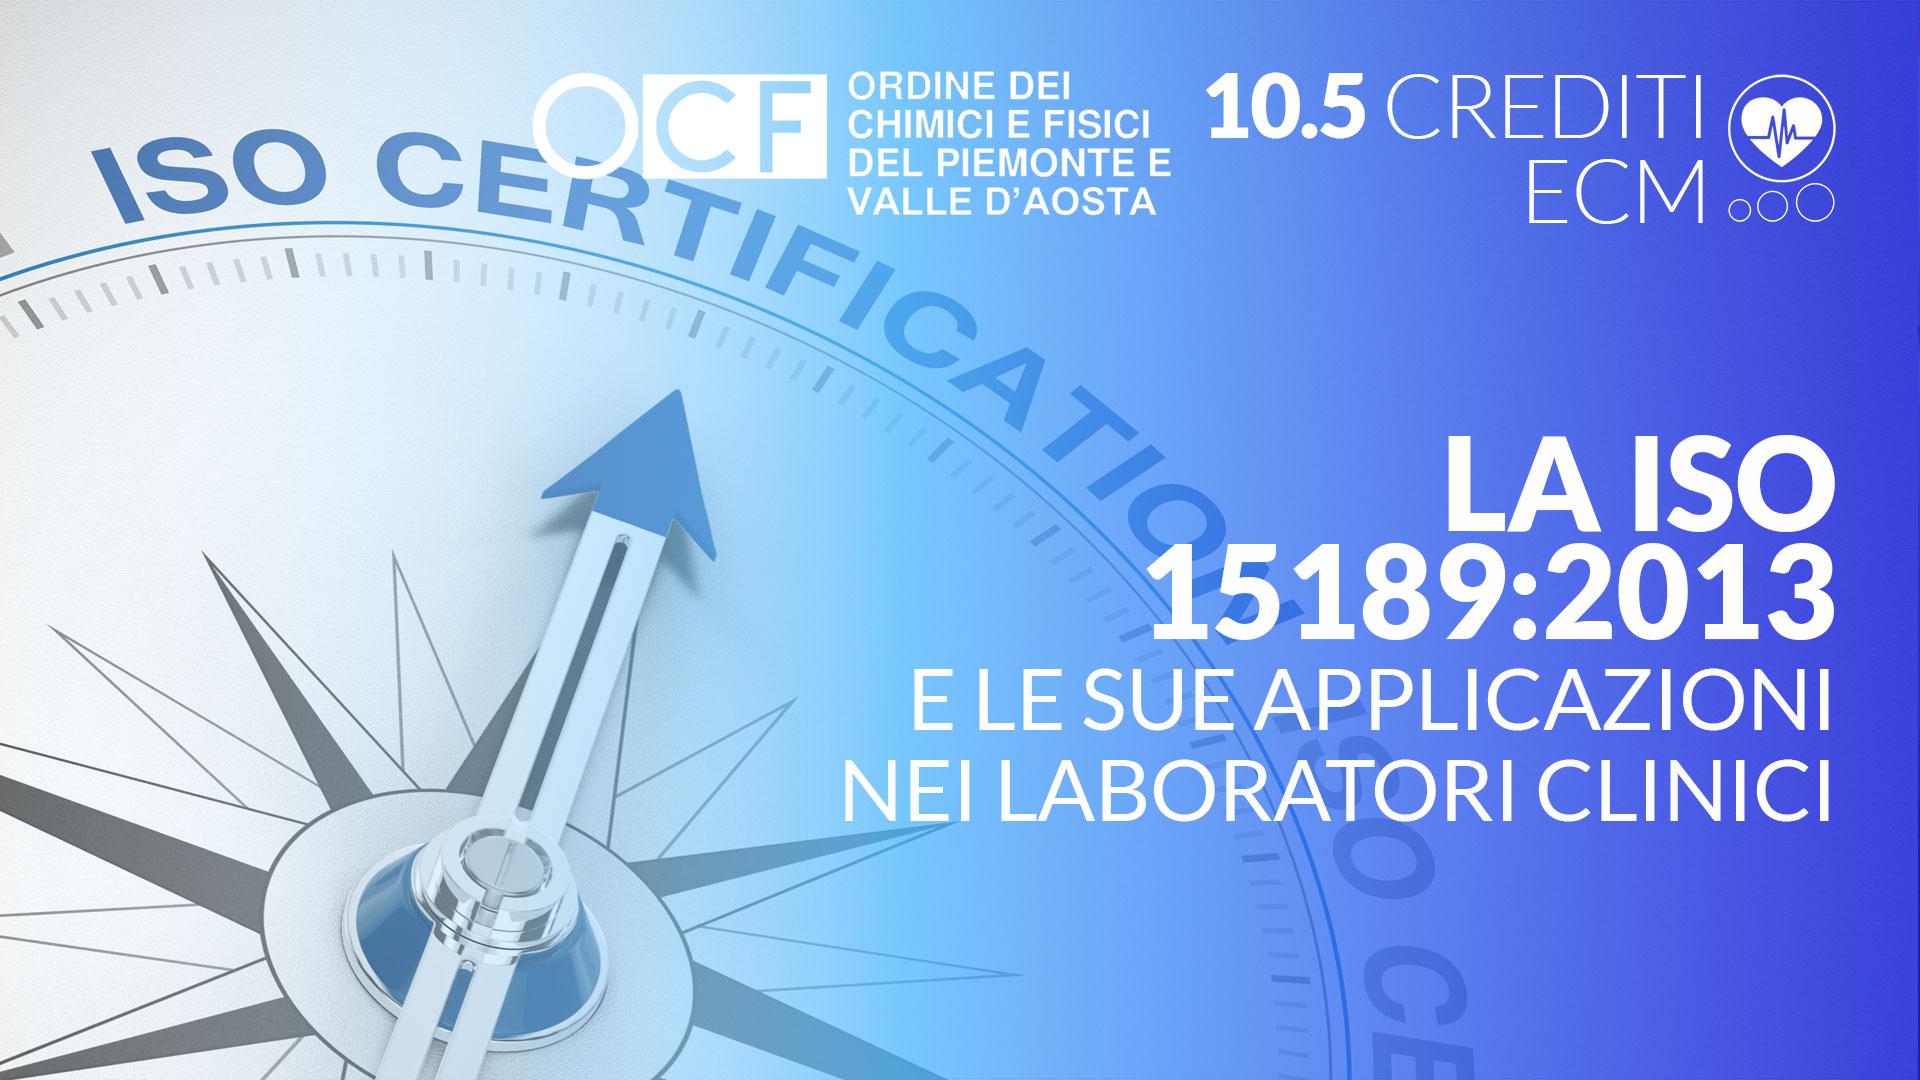 La ISO 15189:2013 e le sue applicazioni nei laboratori clinici